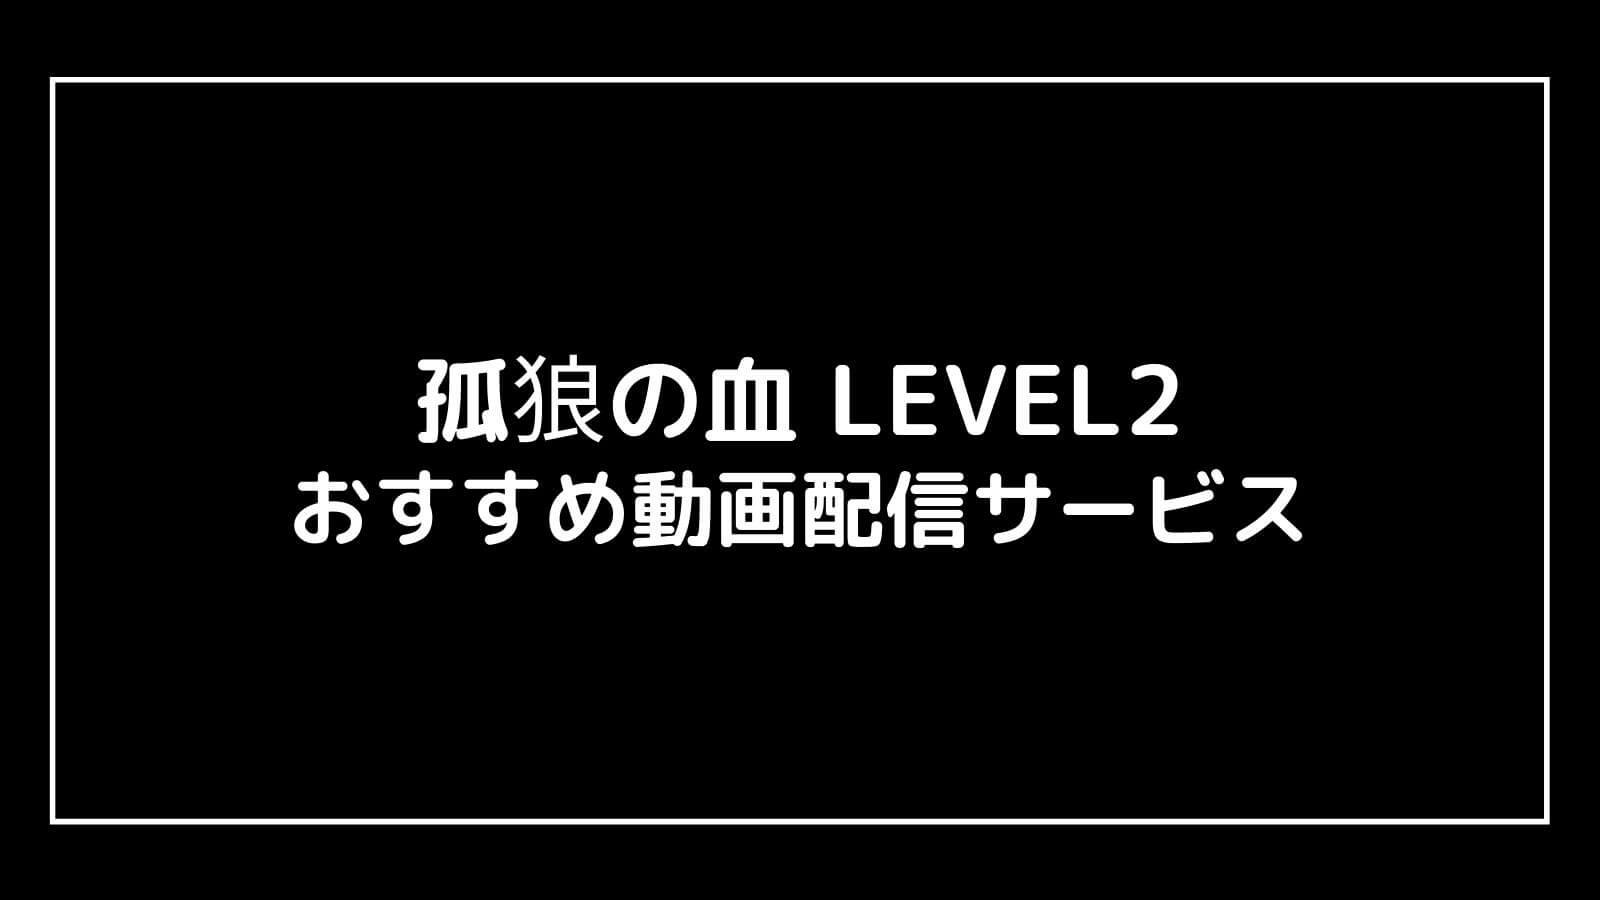 映画『孤狼の血 LEVEL2』の配信を無料視聴できるおすすめ動画配信サイト